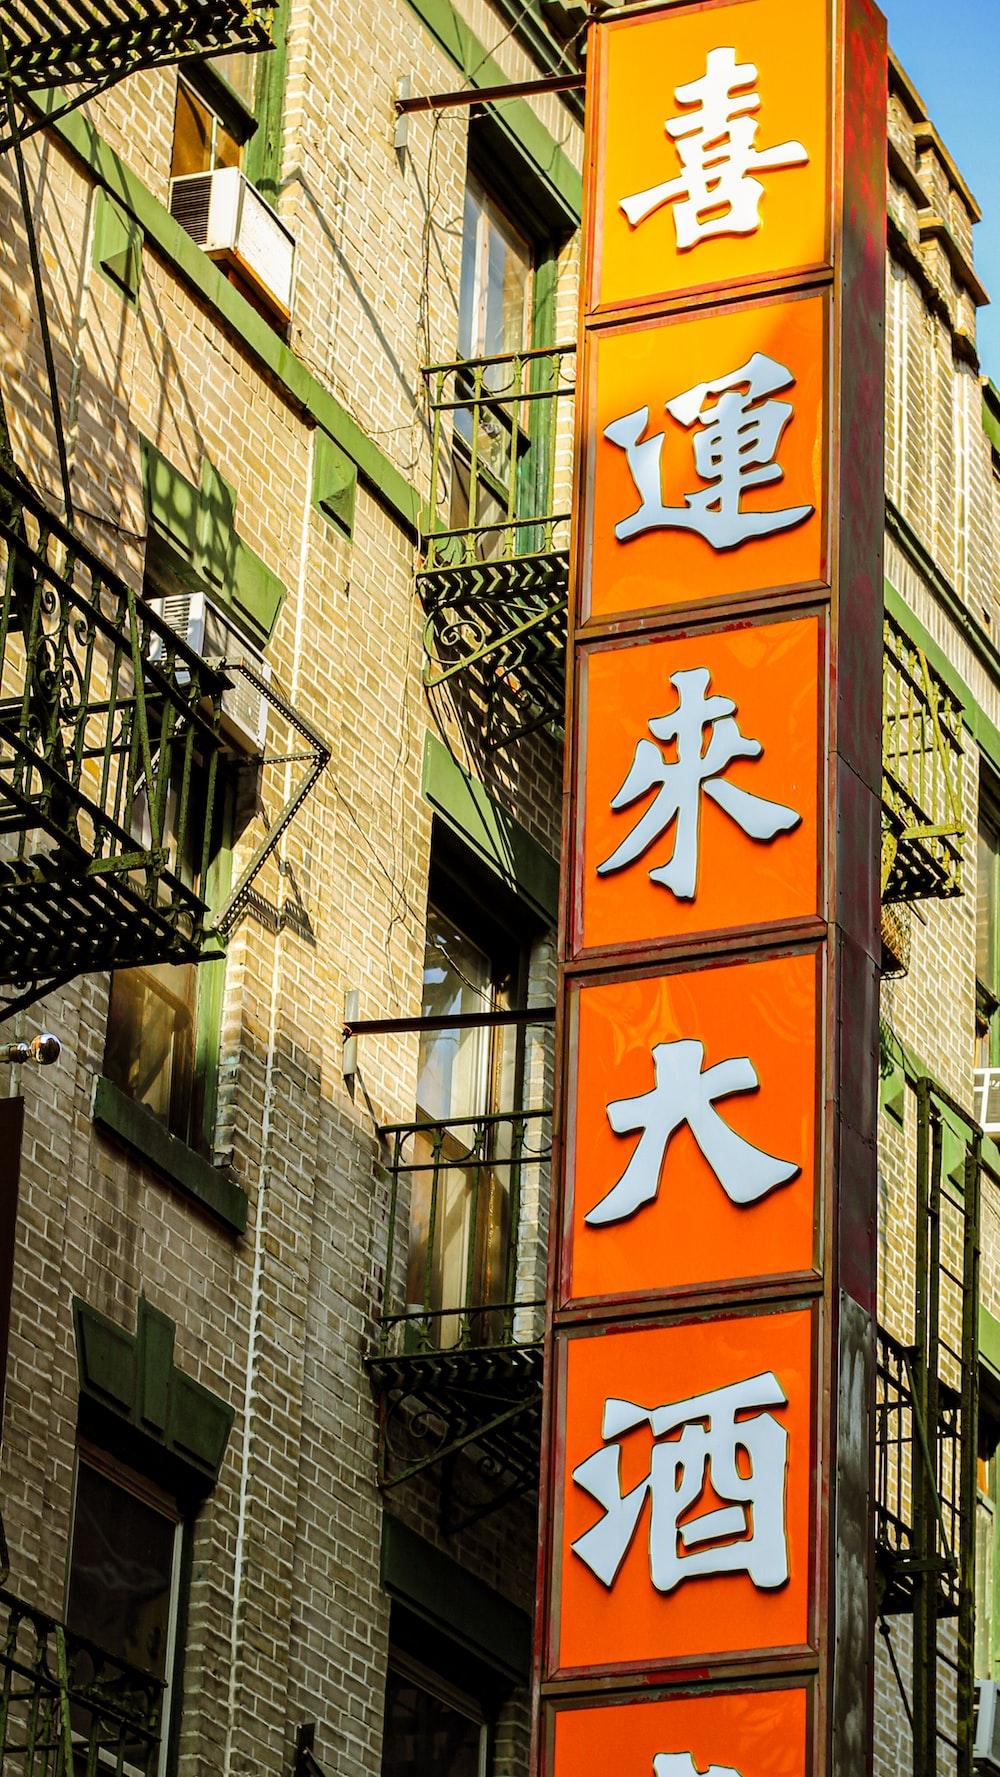 view of orange Kanji script signage